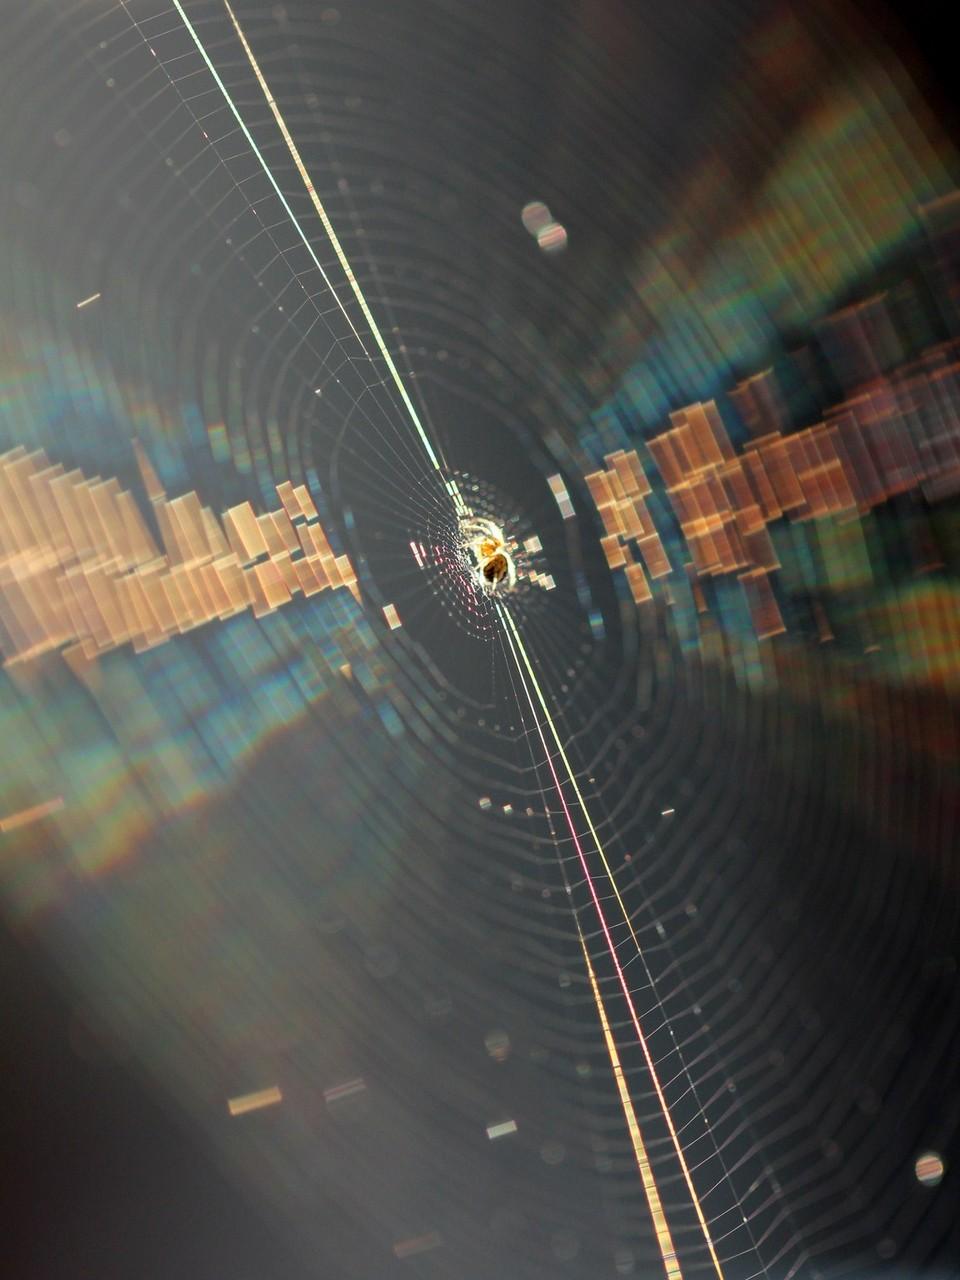 Onde spatiale - photo proposée par Pascale B.